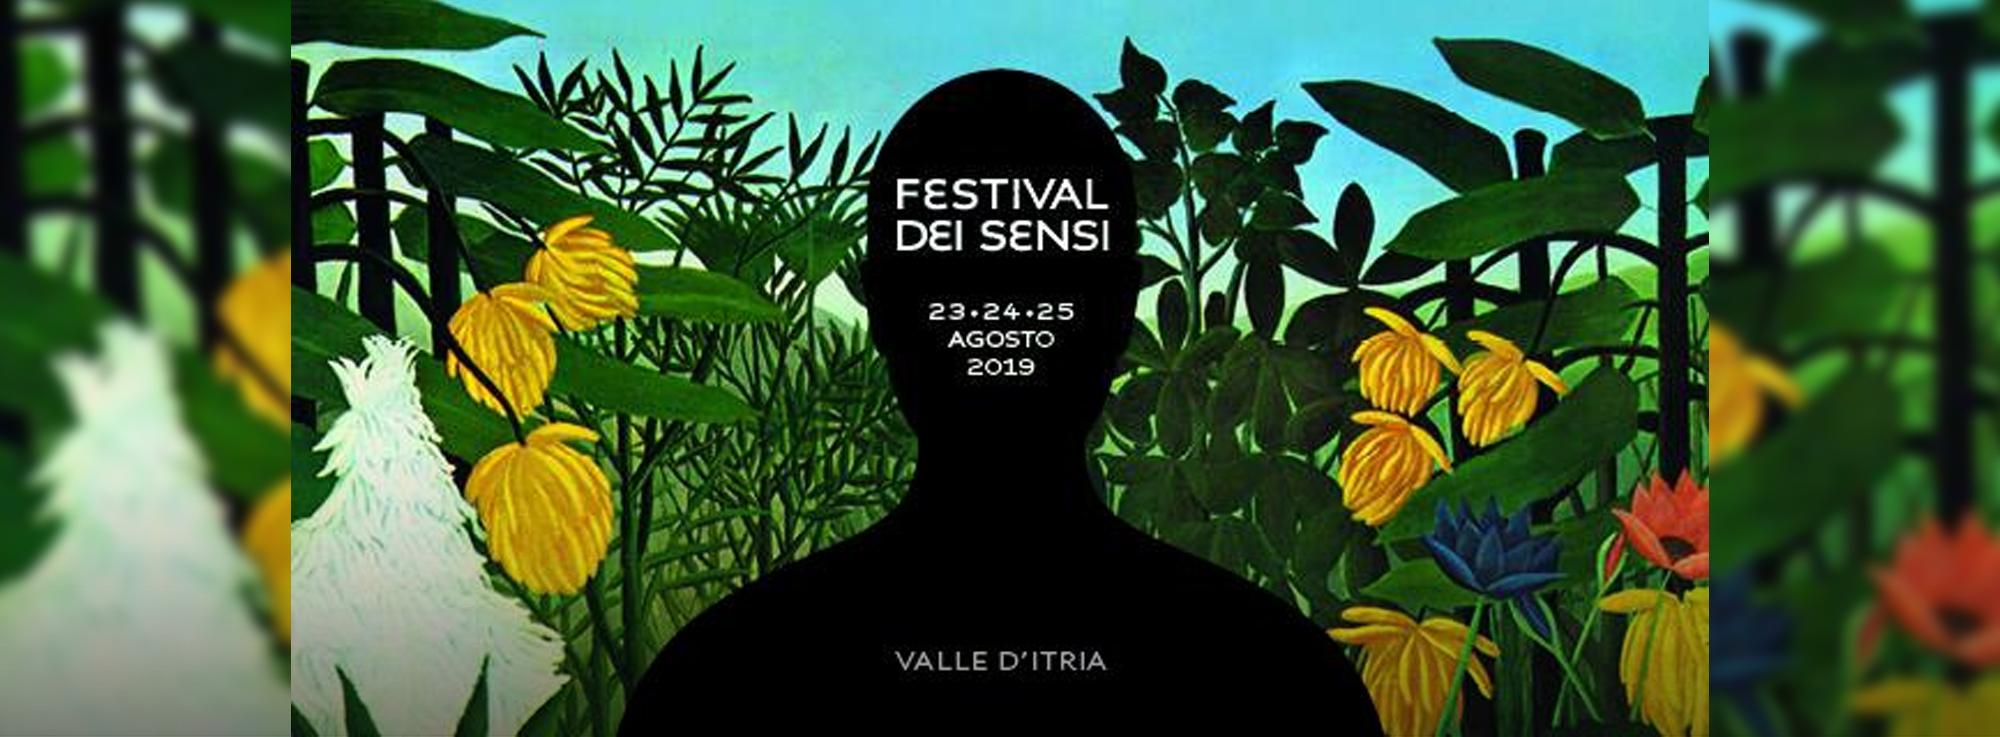 Cisternino, Locorotondo, Martina Franca, Egnazia e Ostuni: Festival dei Sensi